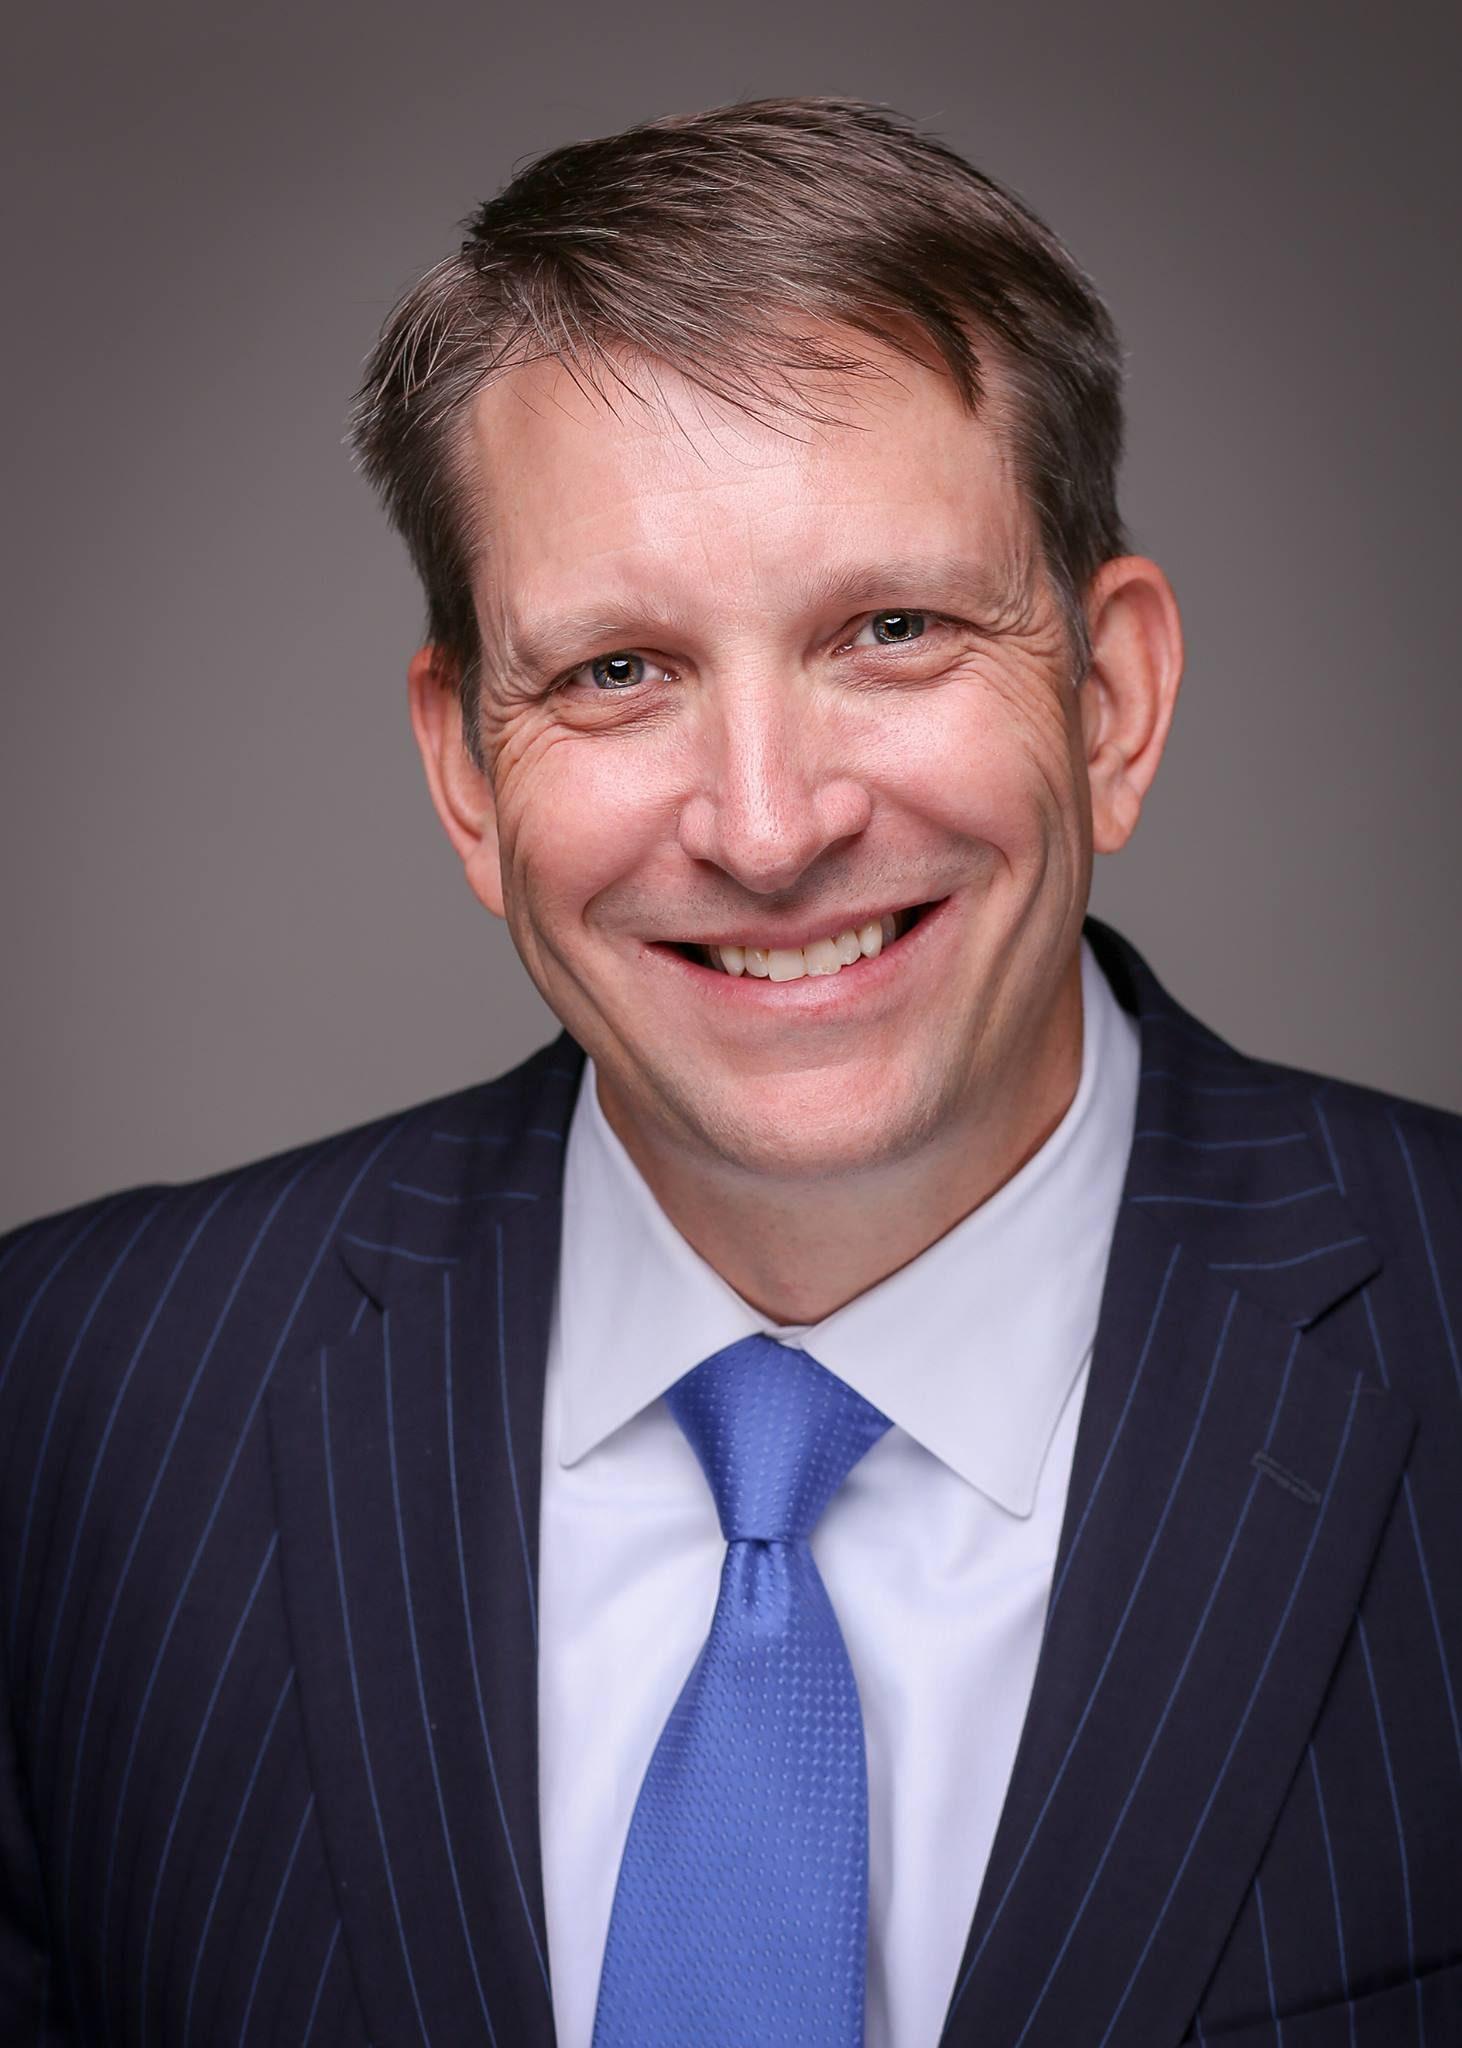 Steven R. Green